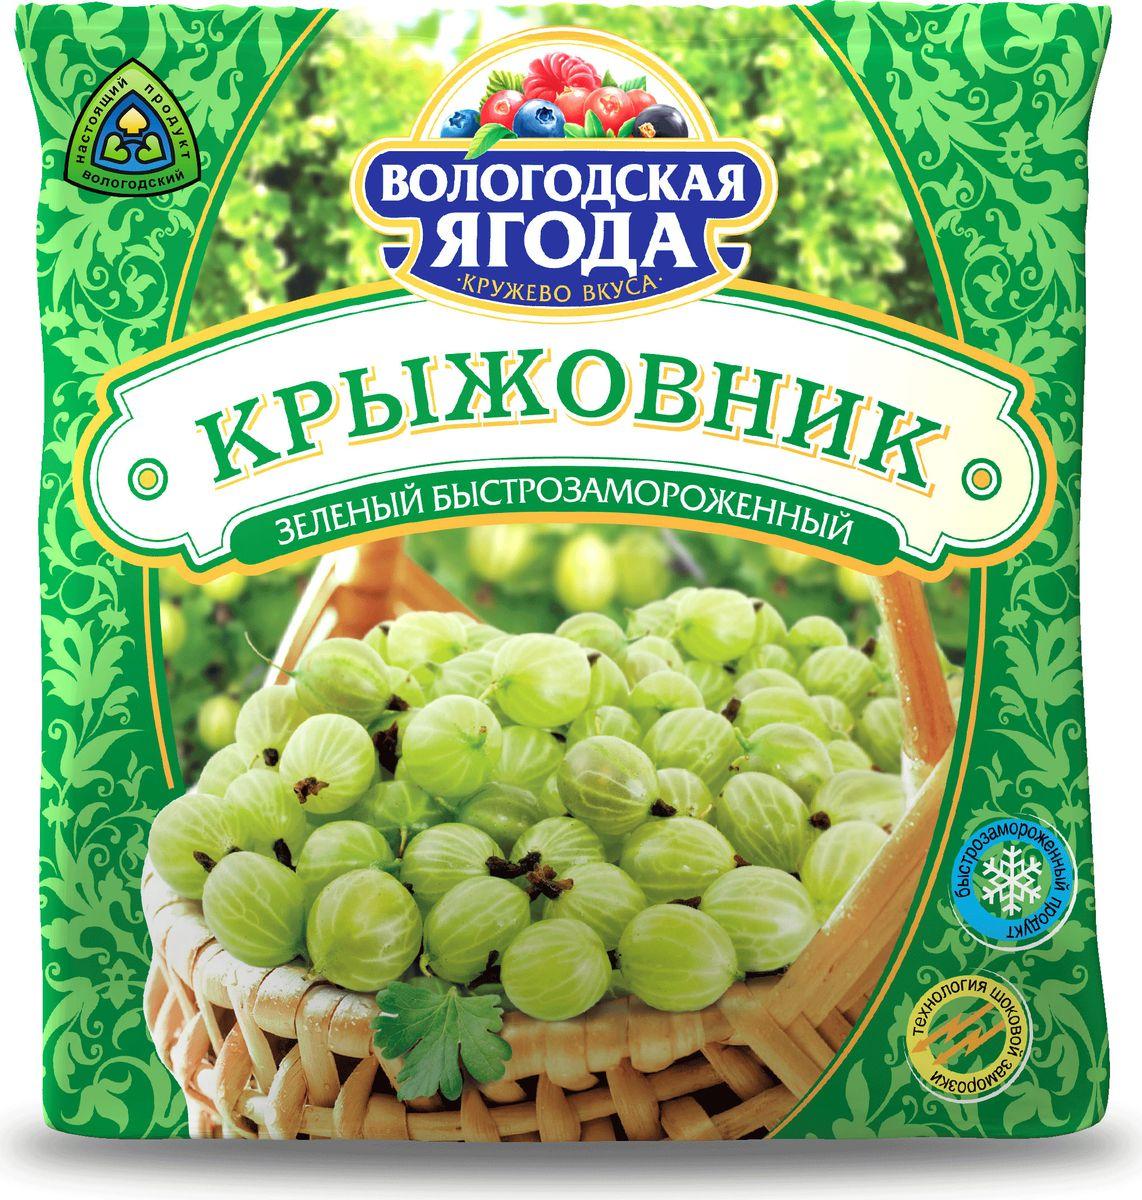 Кружево Вкуса Крыжовник зеленый быстрозамороженный, 300 г кружево вкуса смесь для смузи из клубники и ананаса быстрозамороженная 300 г